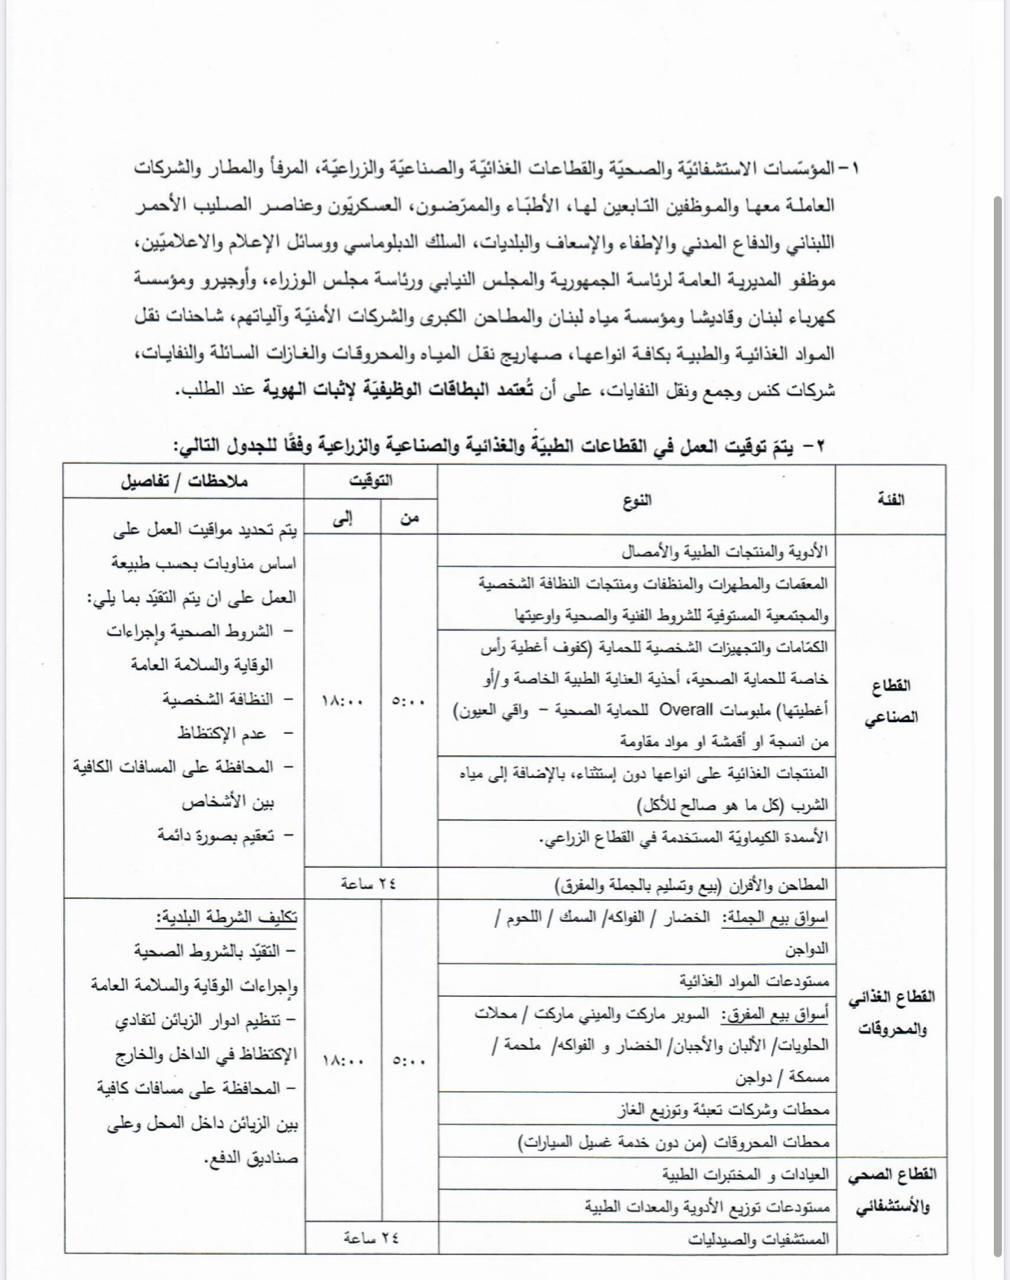 جدول وزارة الداخلية2